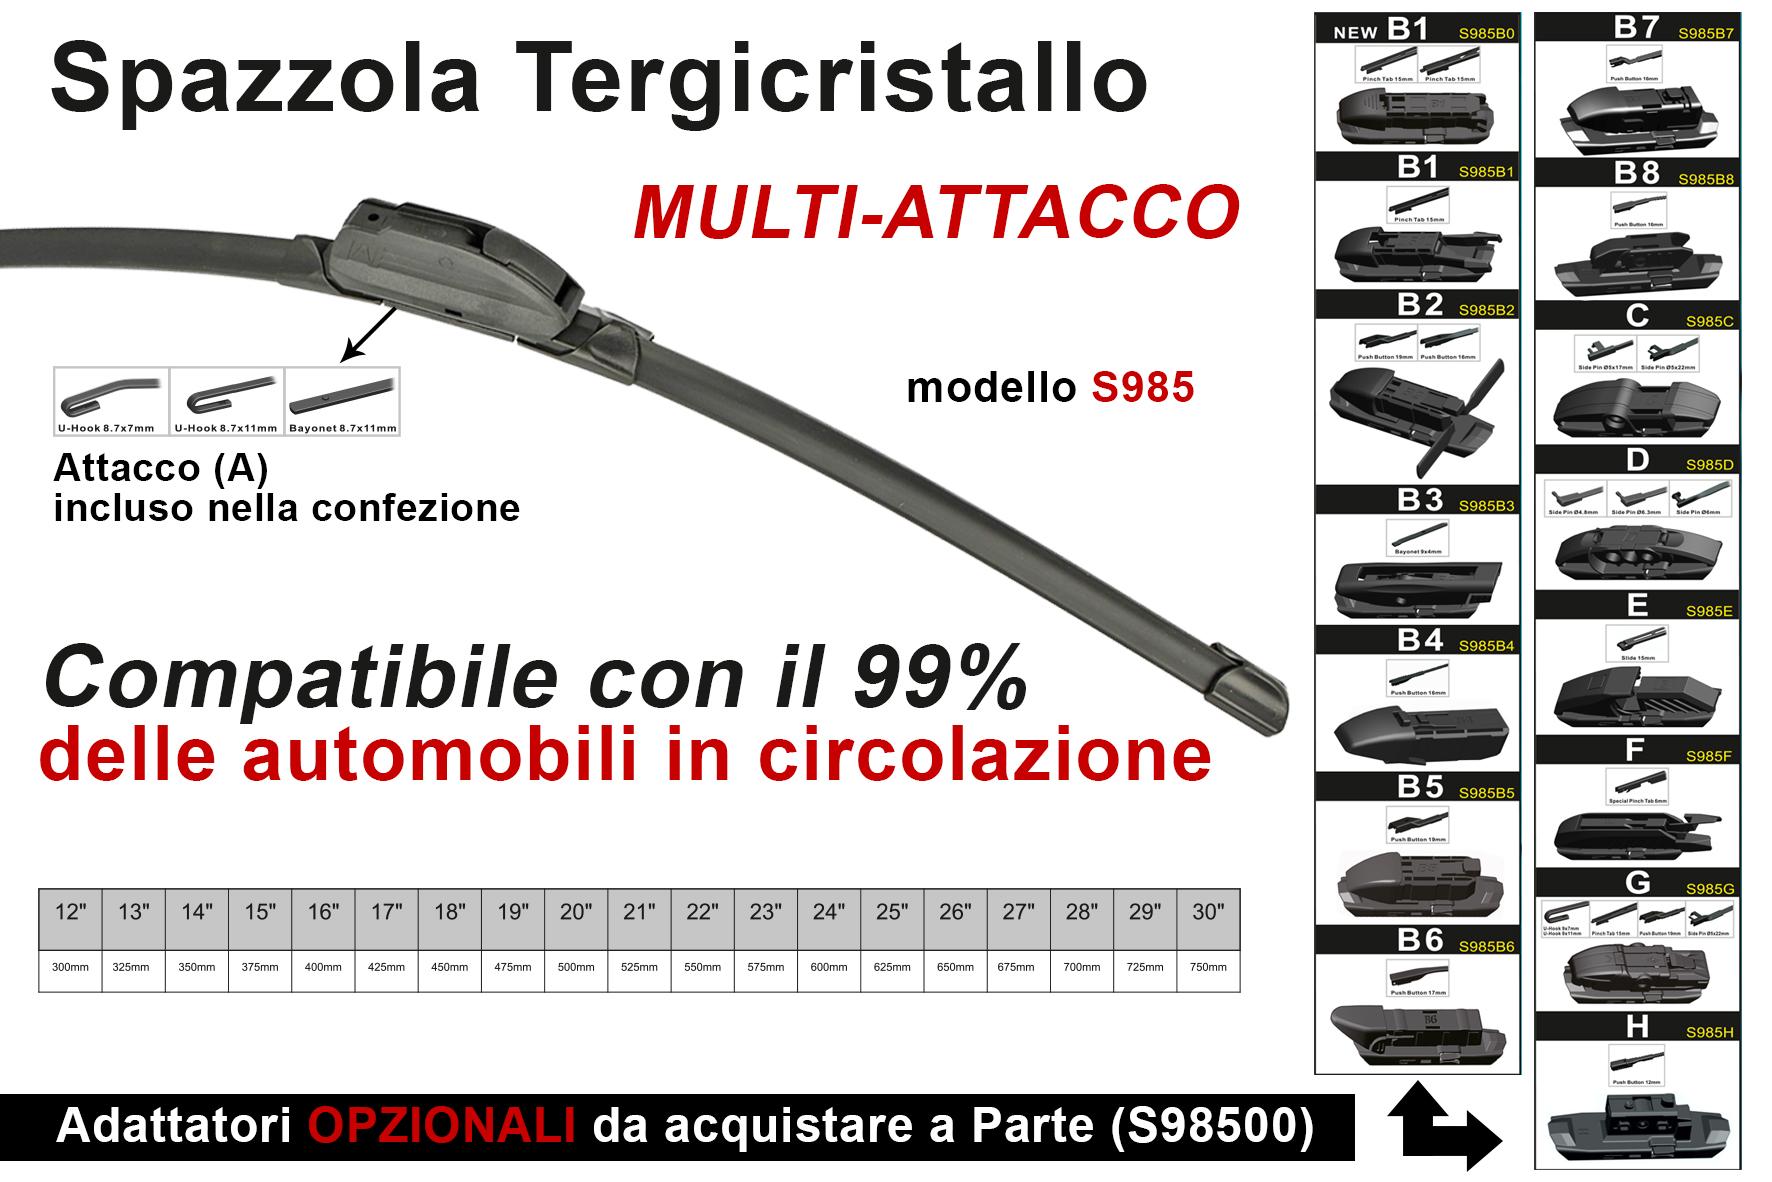 Spazzola Tergicristallo Auto Universale S985 24`` 600mm Carall 16 Attacchi Opzionale - PZ